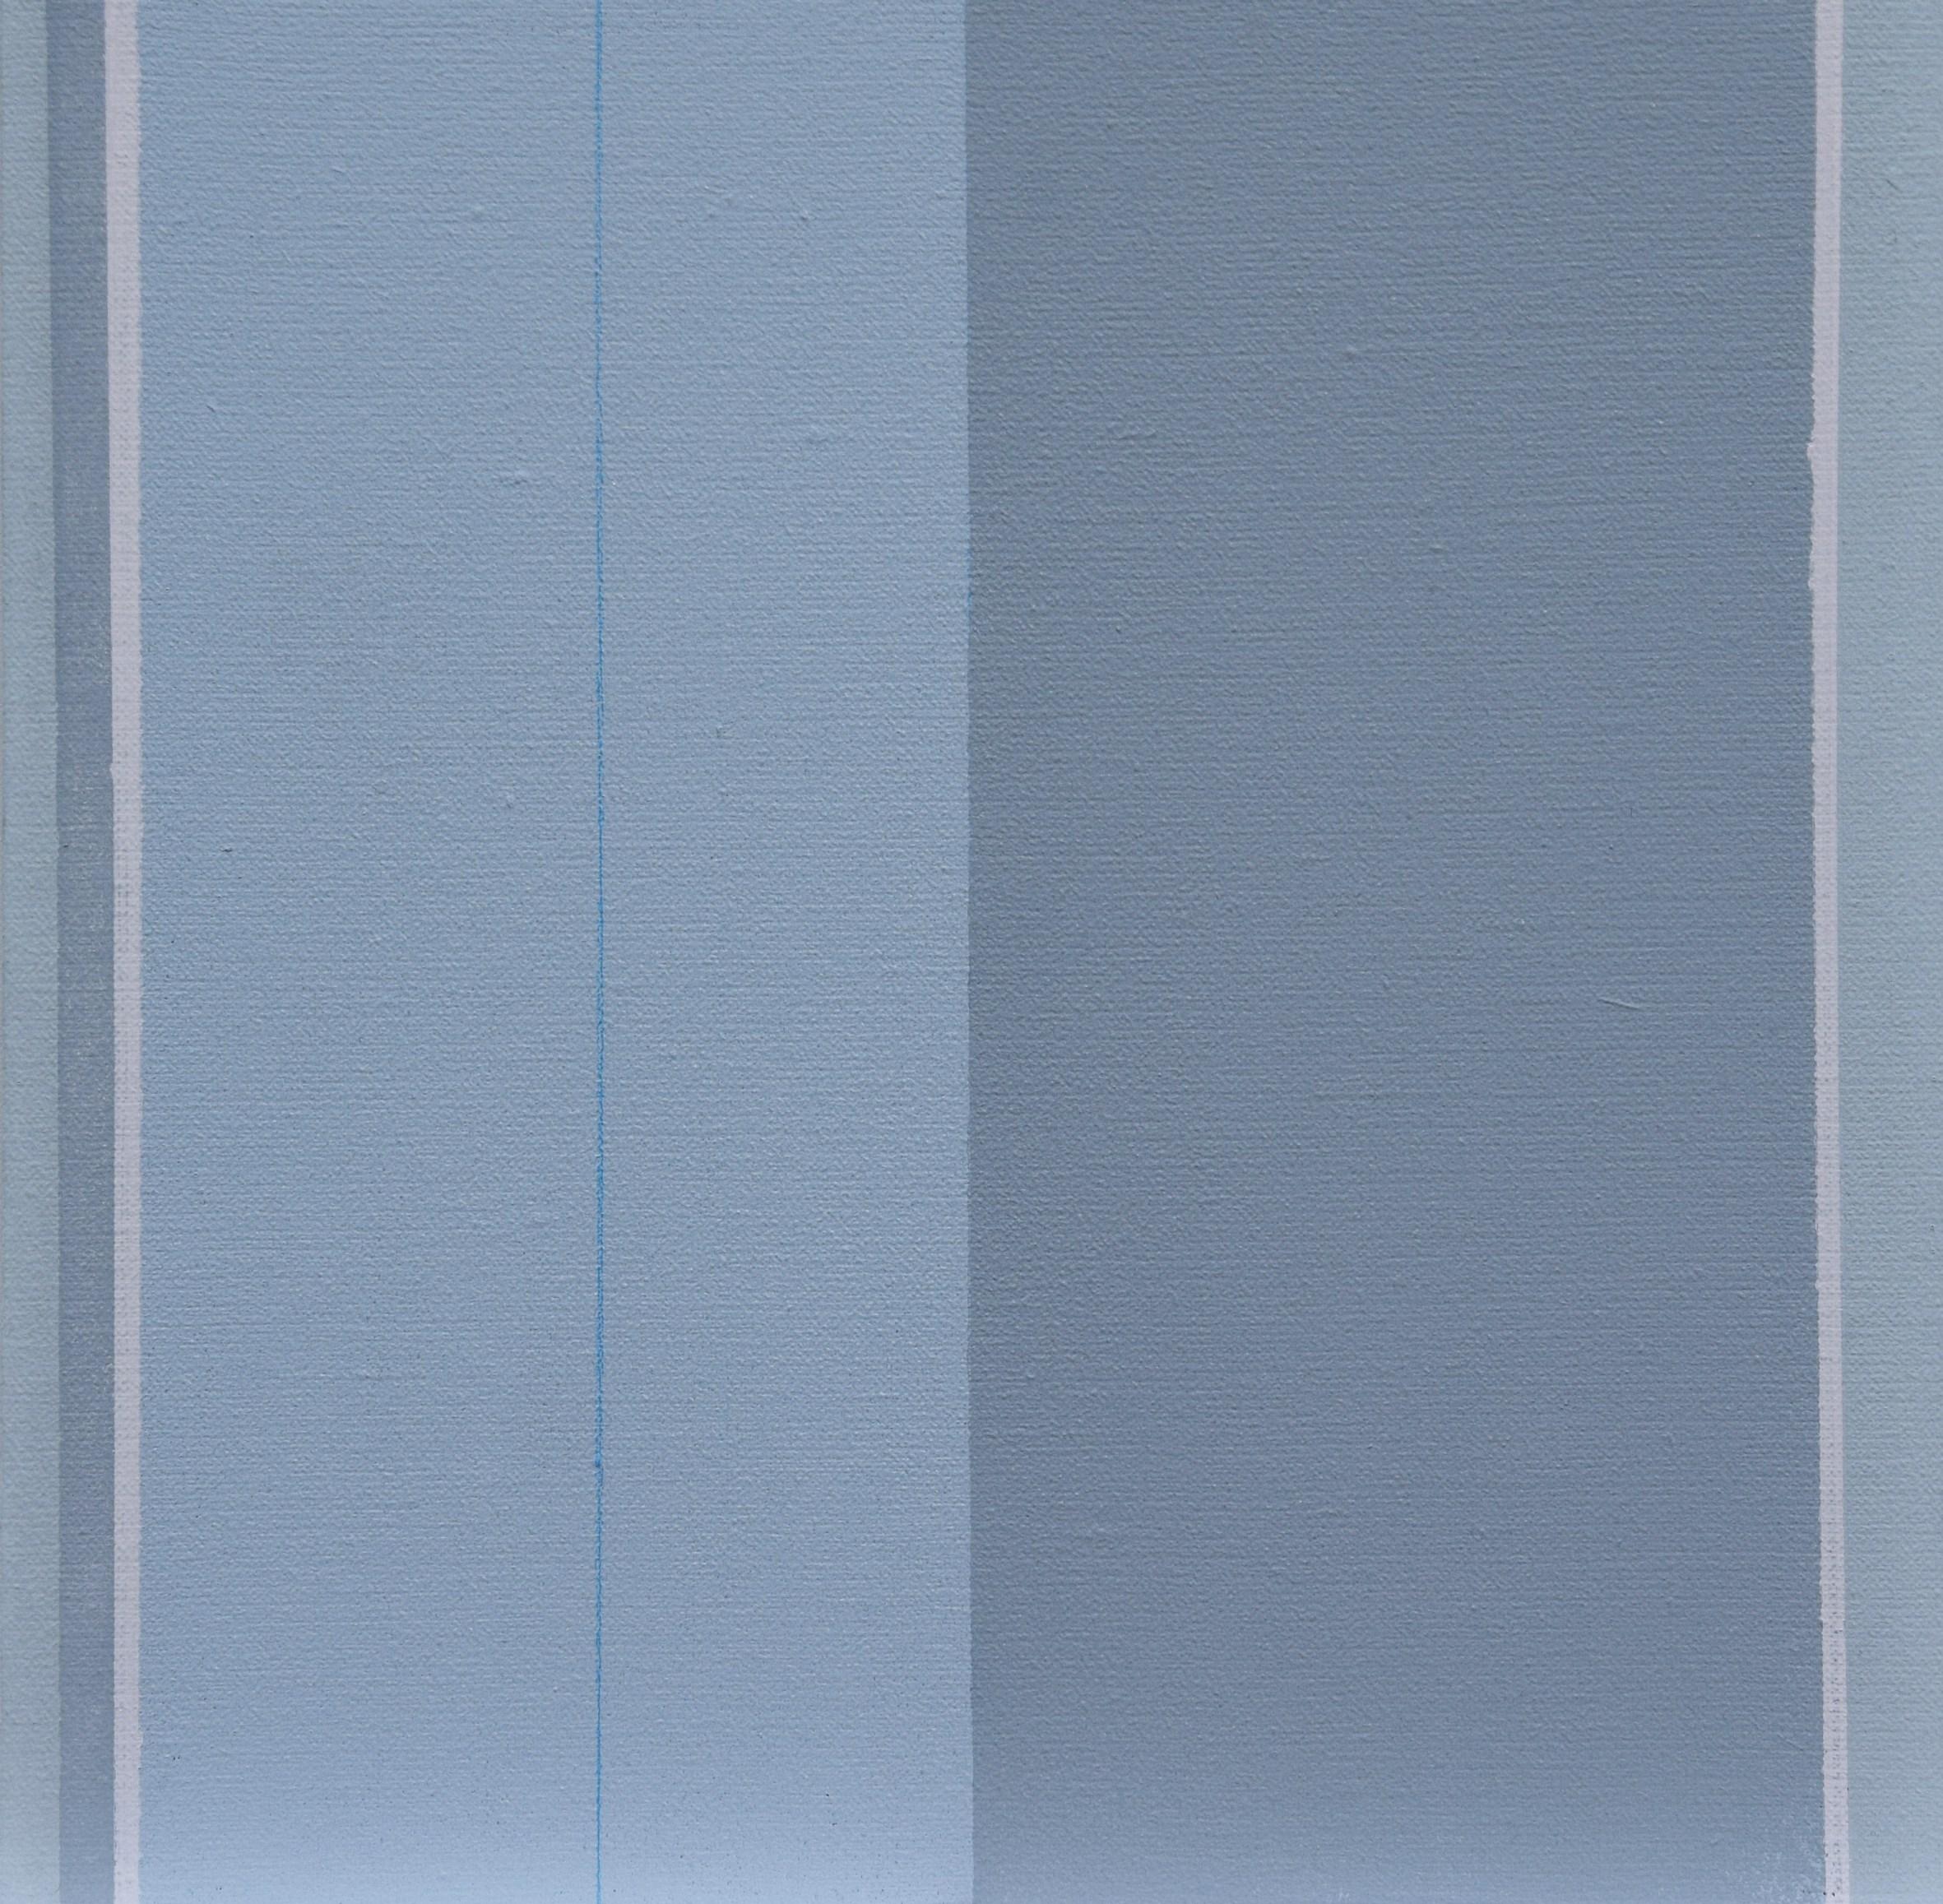 """Urszula Ślusarczyk, """"XXV"""", mixed media, płótno, 30 x 30 cm, 2017 (źródło: materiały prasowe organizatora)"""